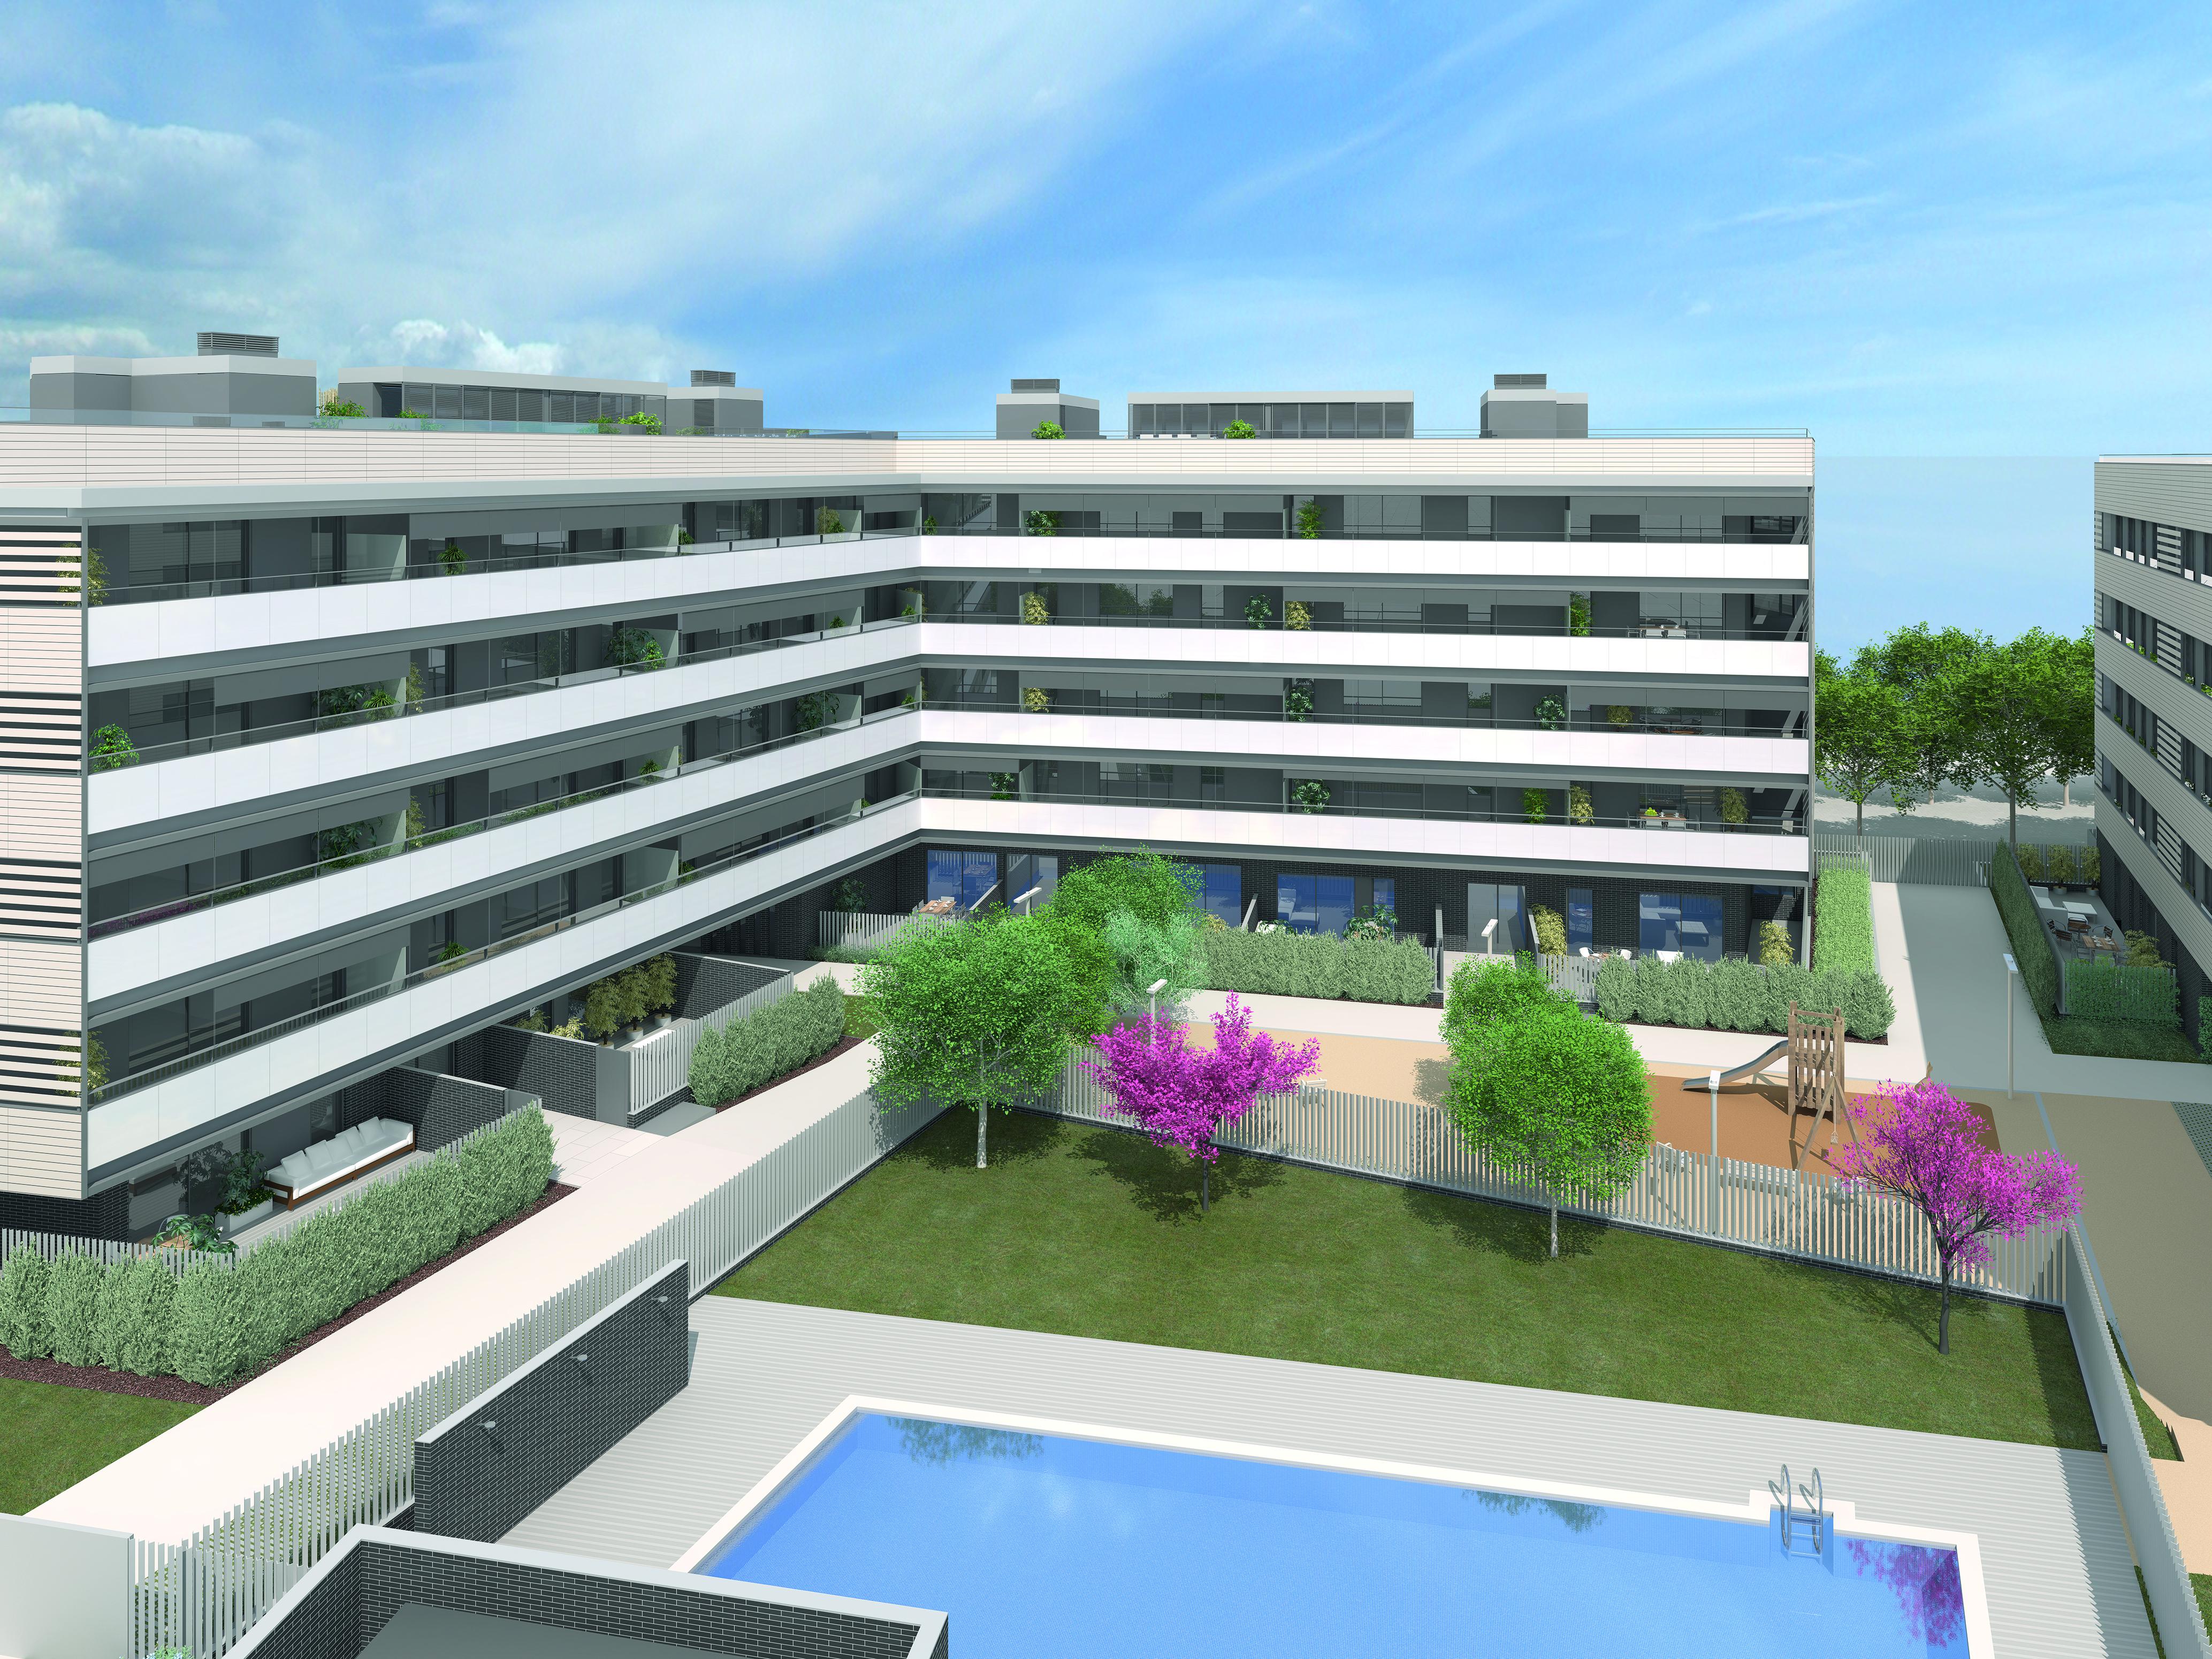 Piso en venta en Can Vasconcel, Sant Cugat del Vallès, Barcelona, Calle Josep de Peray, 560.000 €, 4 habitaciones, 1 baño, 137 m2